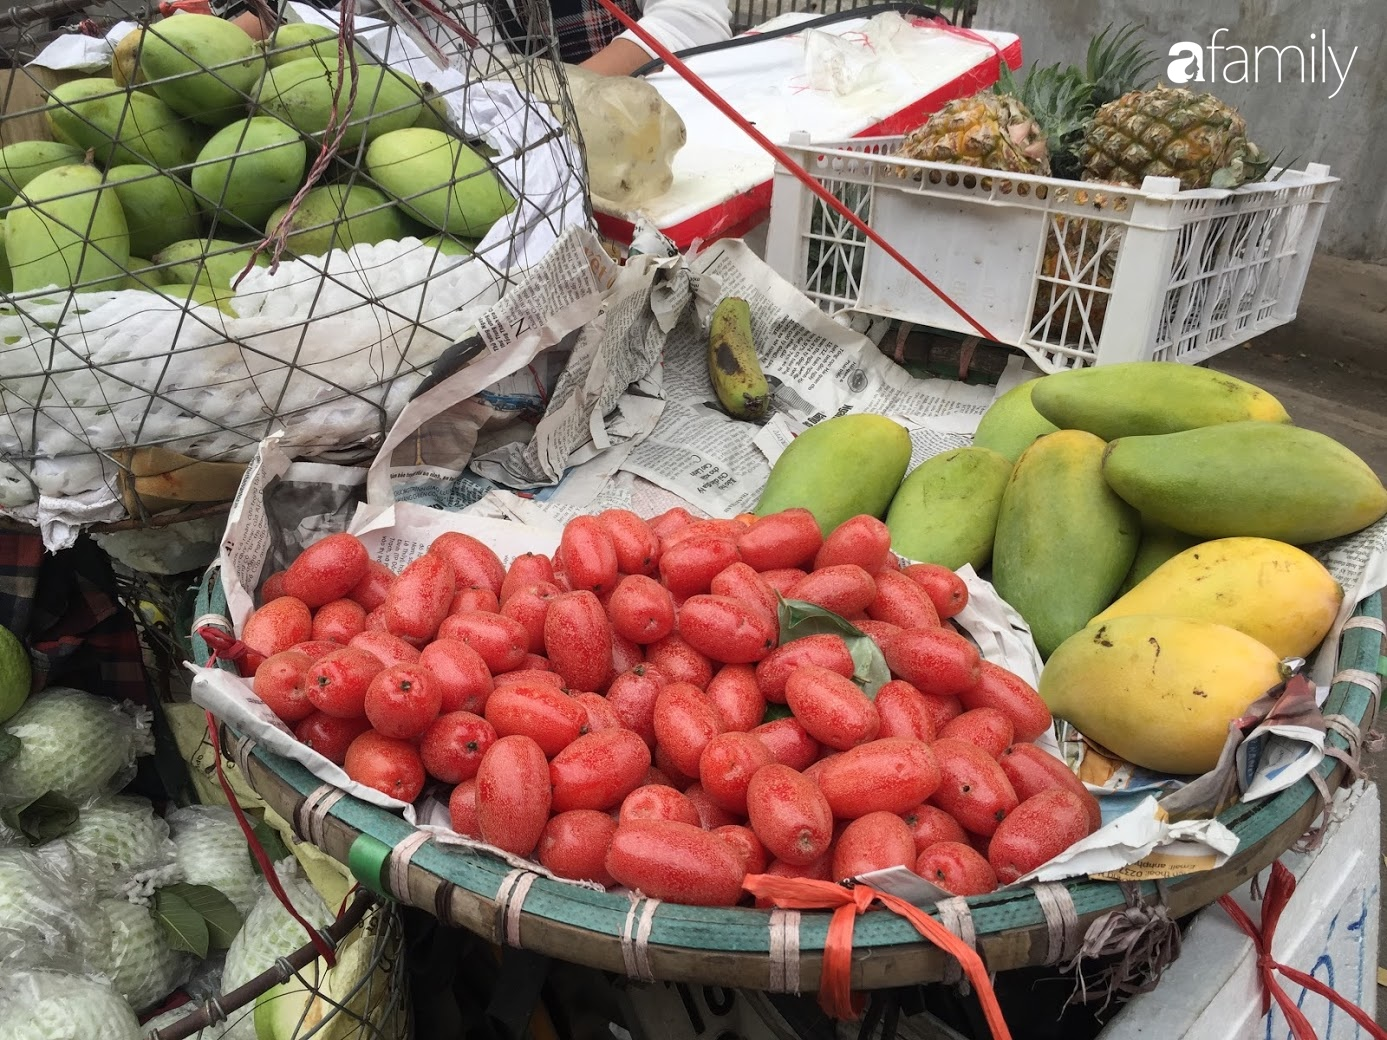 Nhót ngọt chín đầy đường, giá 60.000 đồng/kg thu hút giới ăn vặt Hà thành - Ảnh 3.